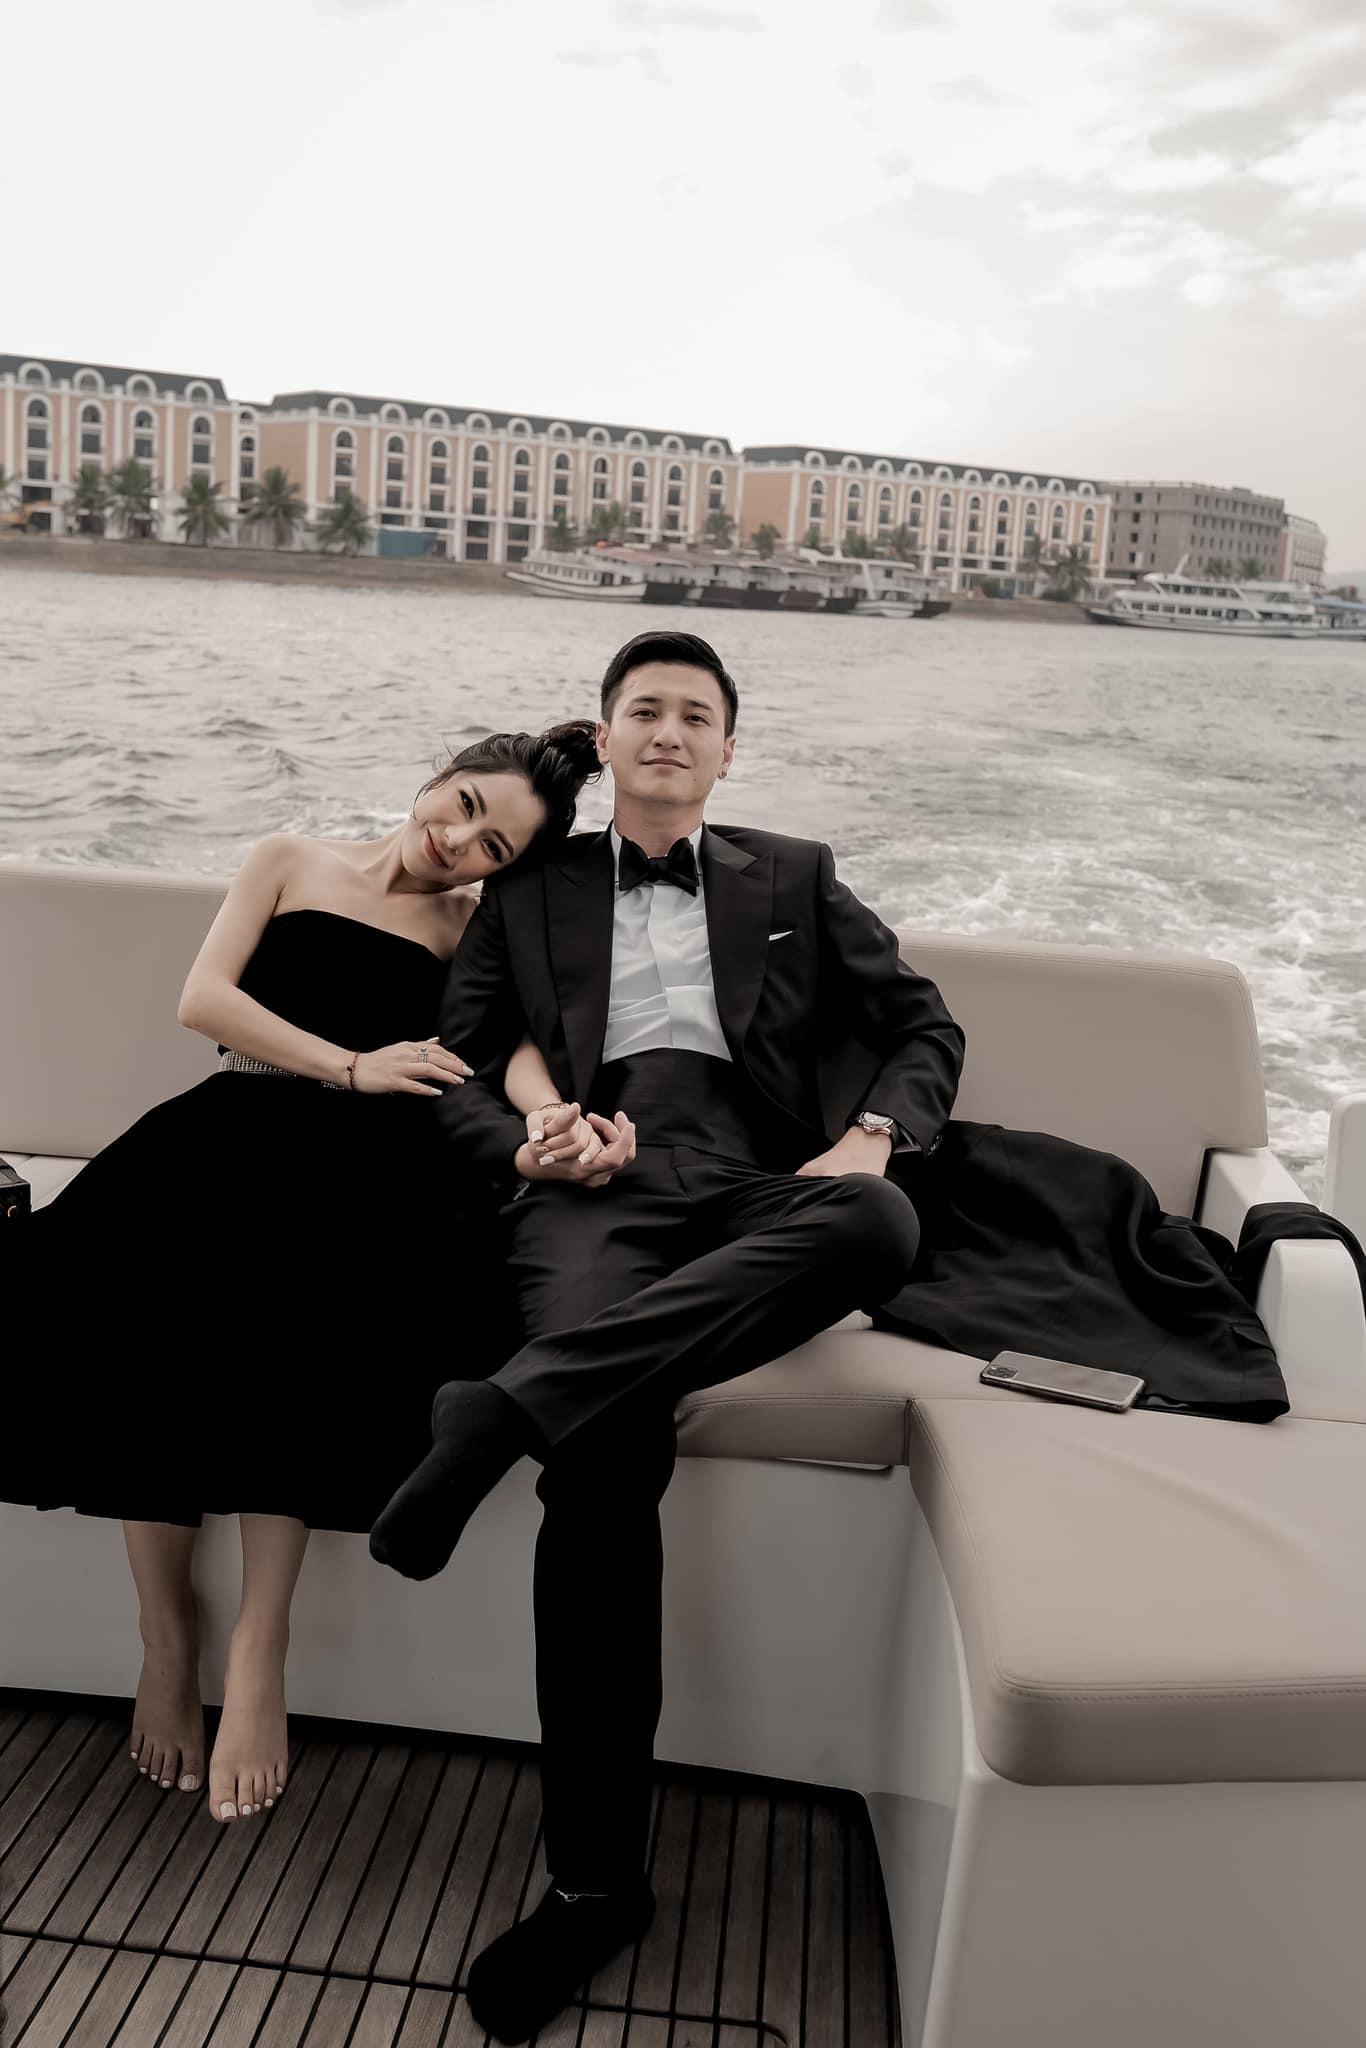 HOT: Diễn viên Huỳnh Anh công khai hẹn hò MC VTV, hoá ra là single mom hơn anh 6 tuổi - Ảnh 4.